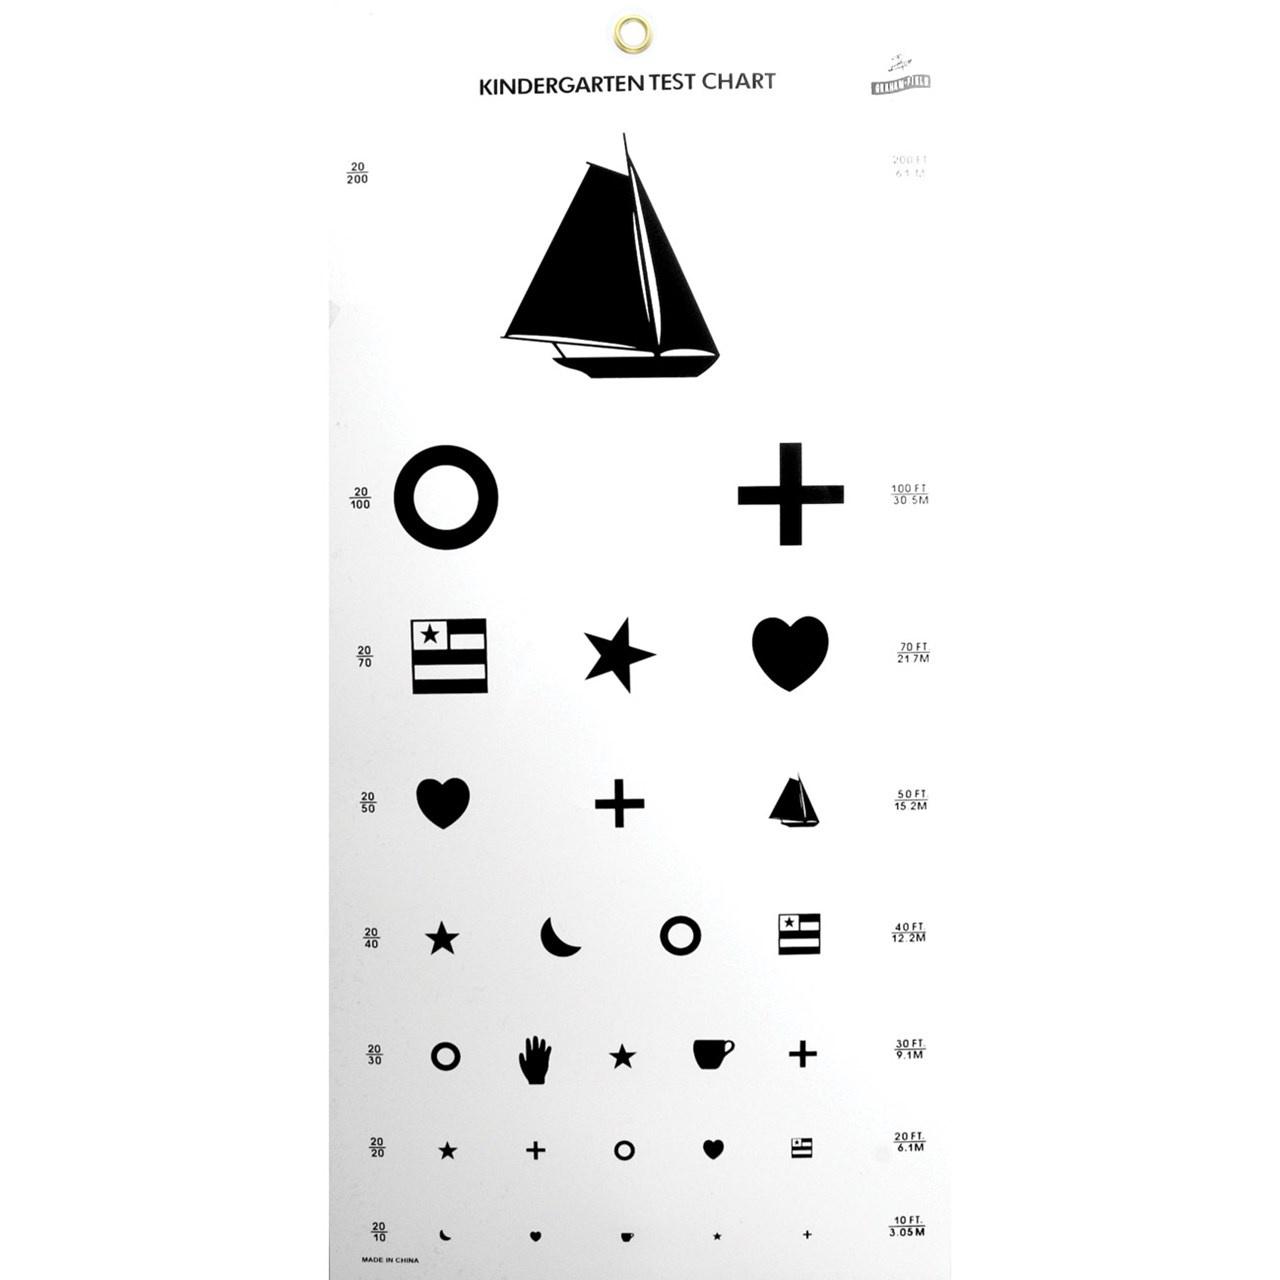 Maxiaids | Kindergarten Eye Chart - Eye Exam Chart Printable Free